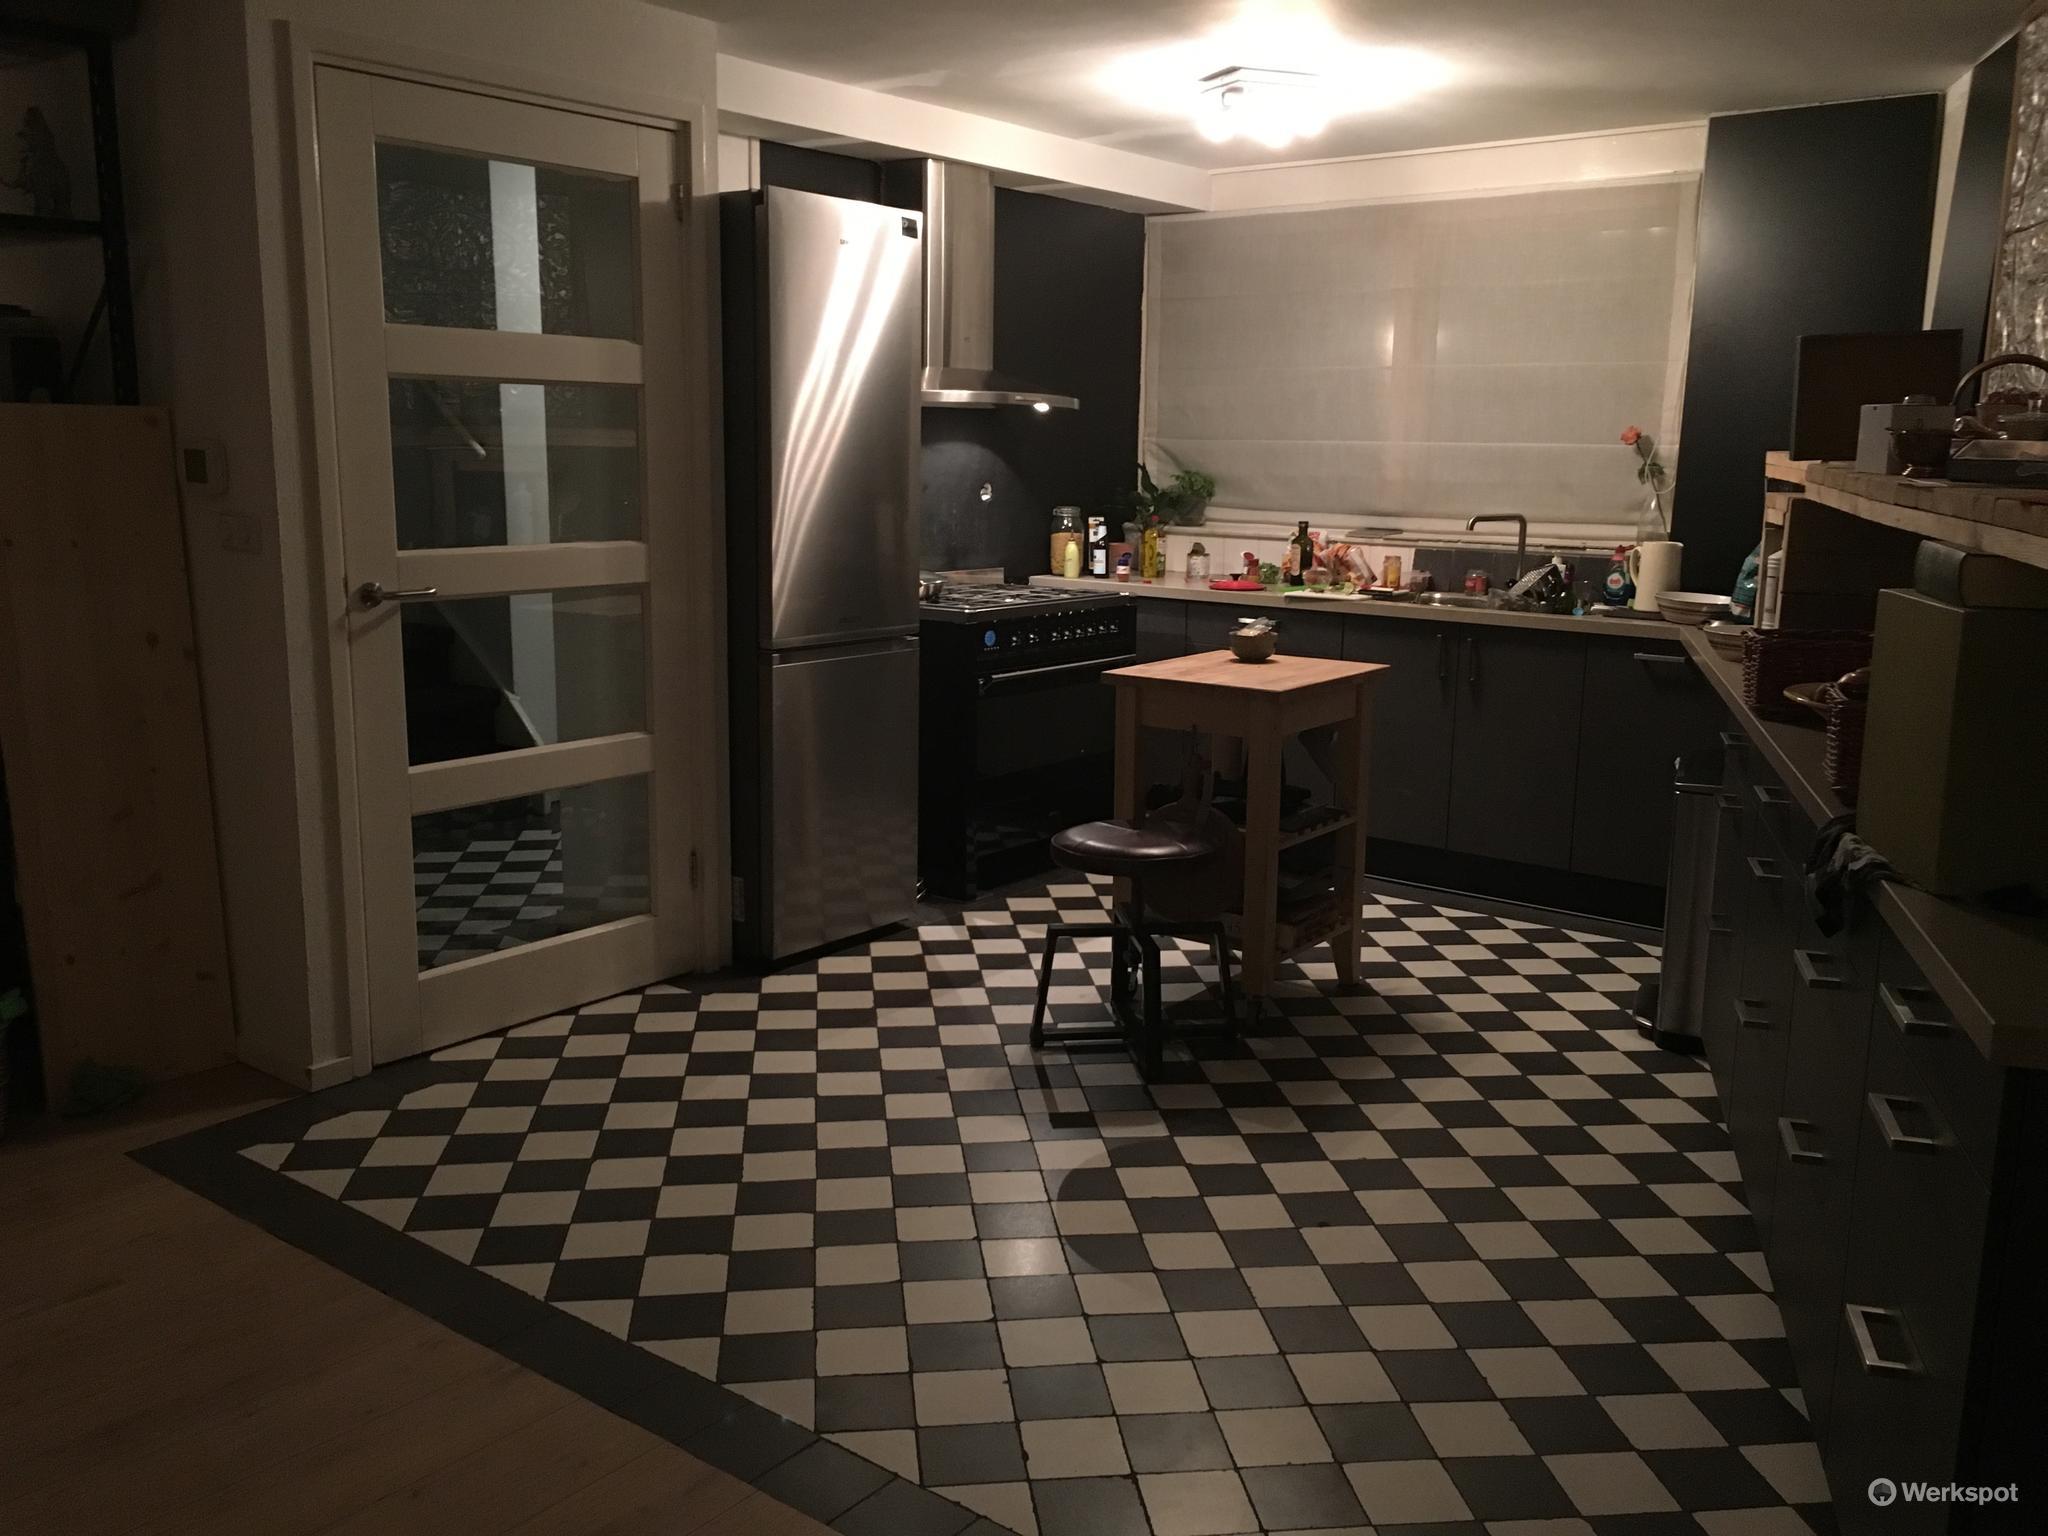 Tegels Voor Hal : Tegels 15x15 in keuken en hal mogelijk incl. vloerverw. totaal n